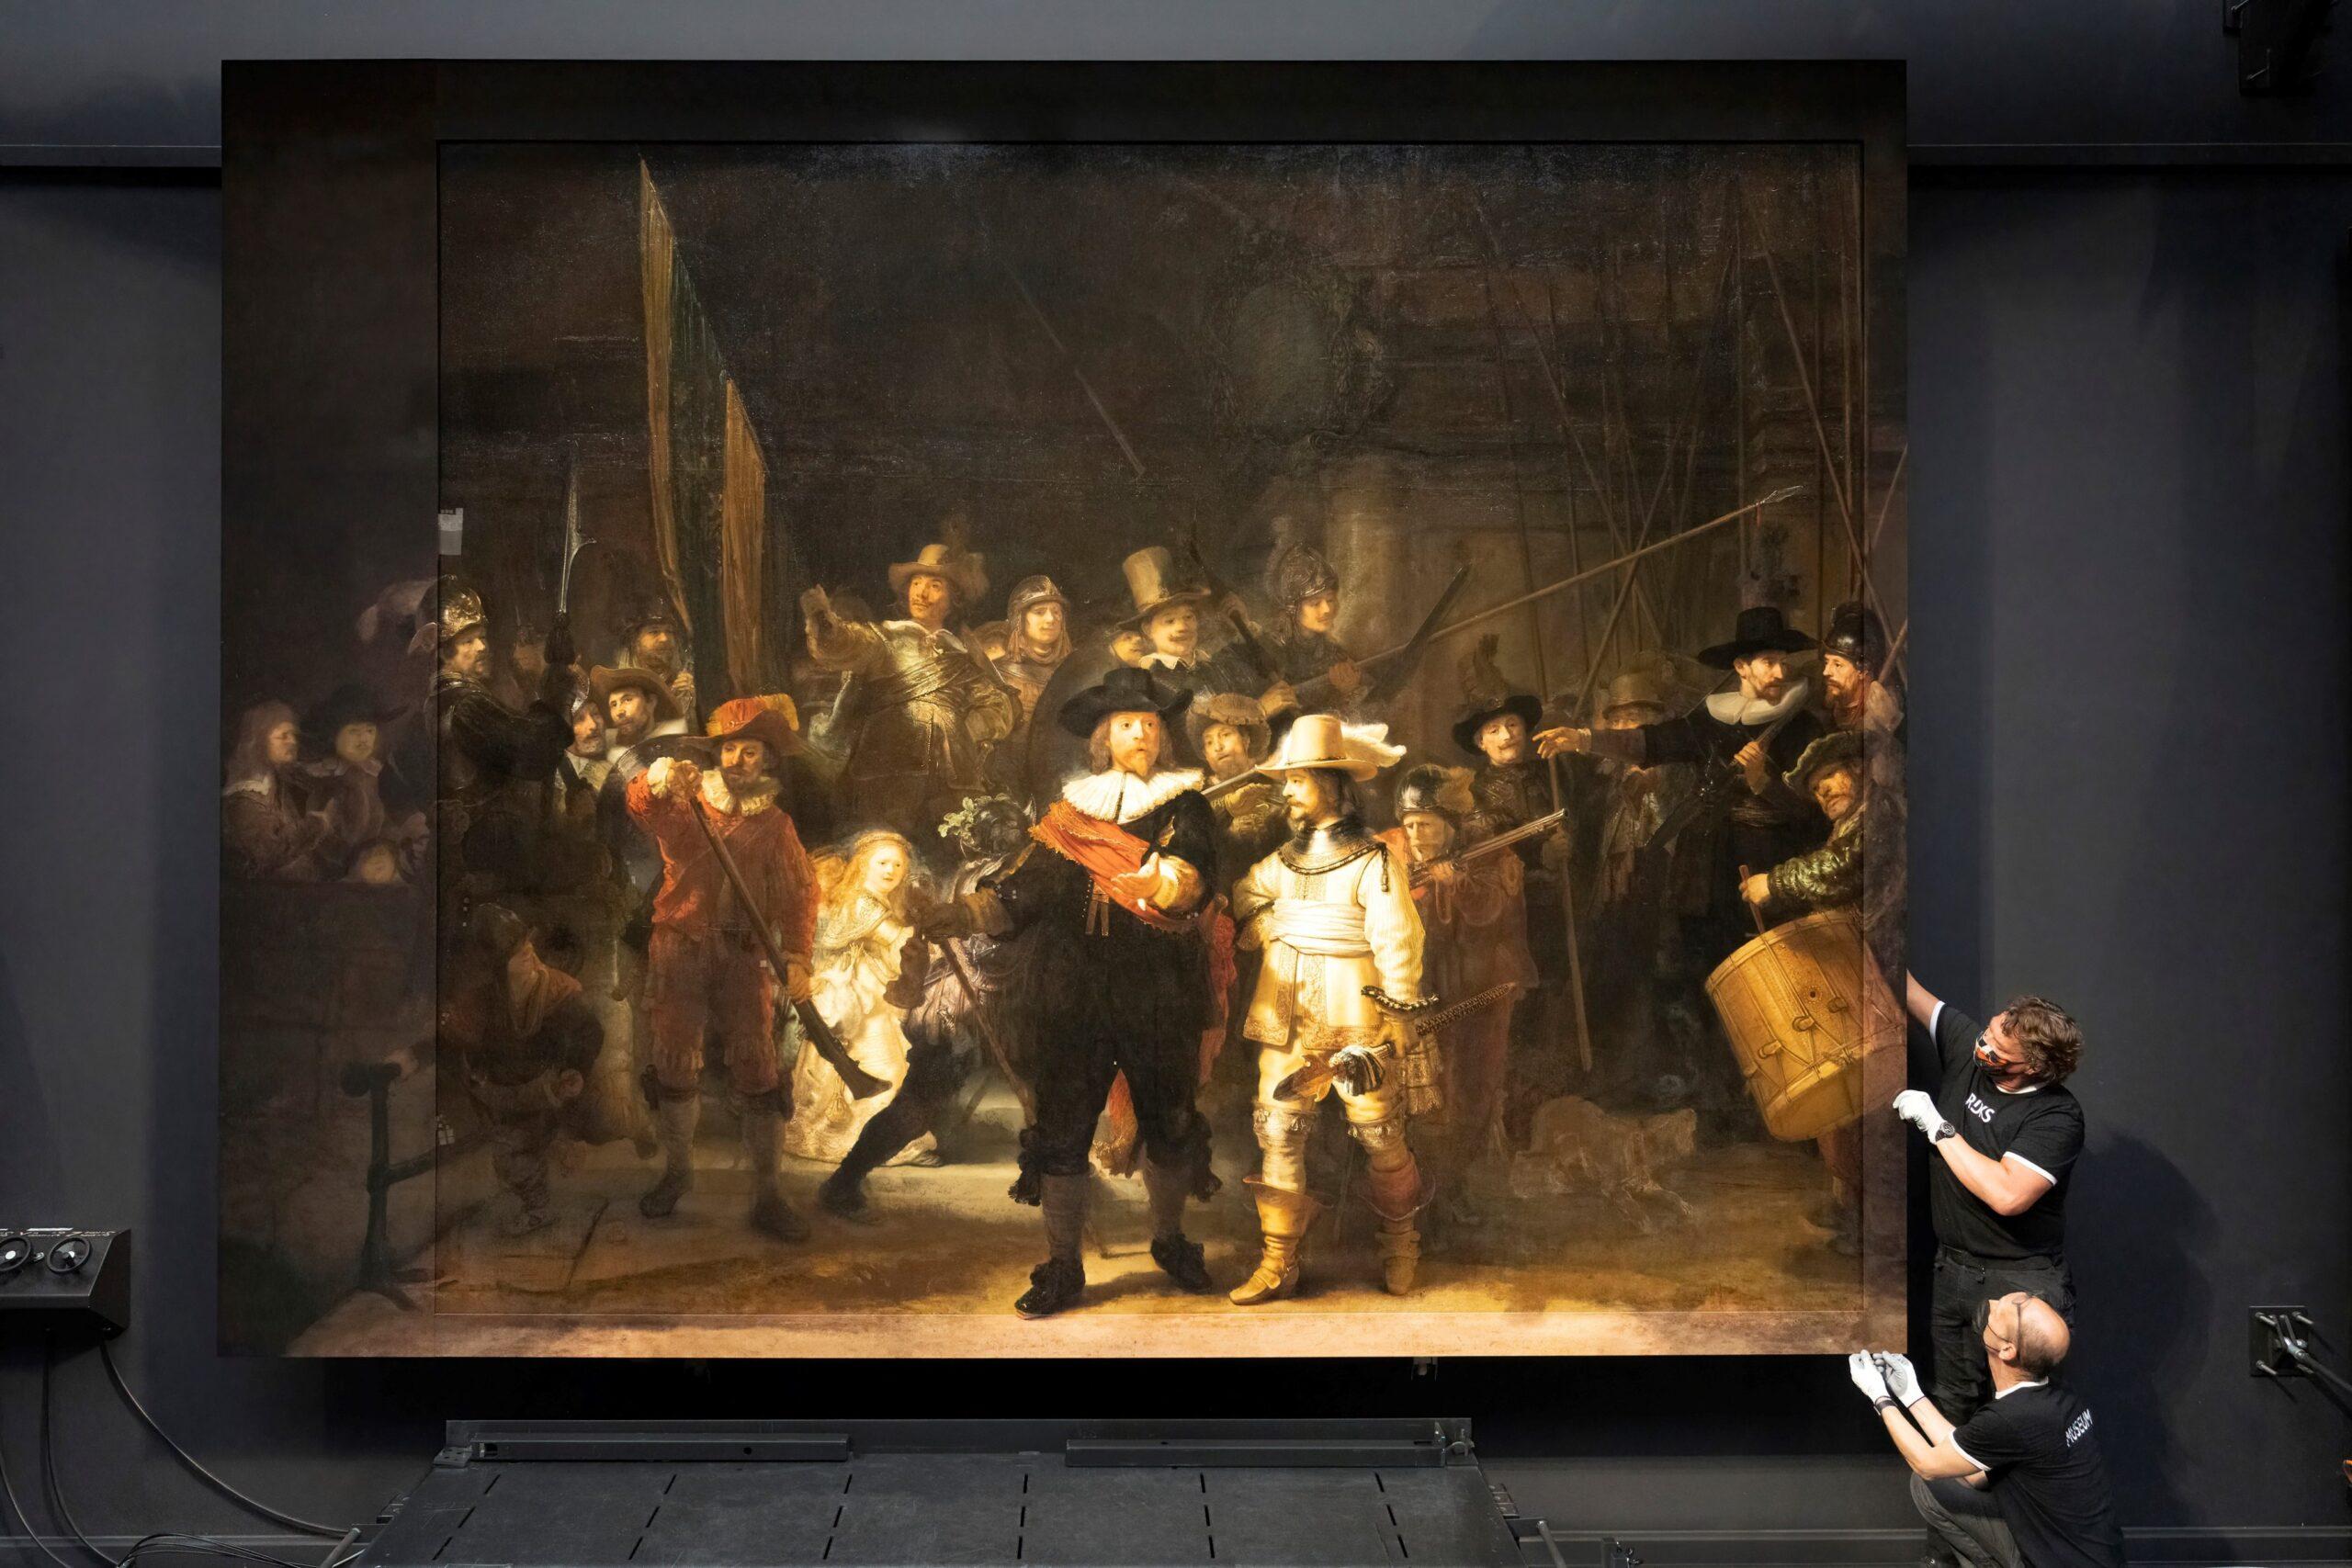 Искусственный интеллект восстановил изуродованную картину Рембрандта